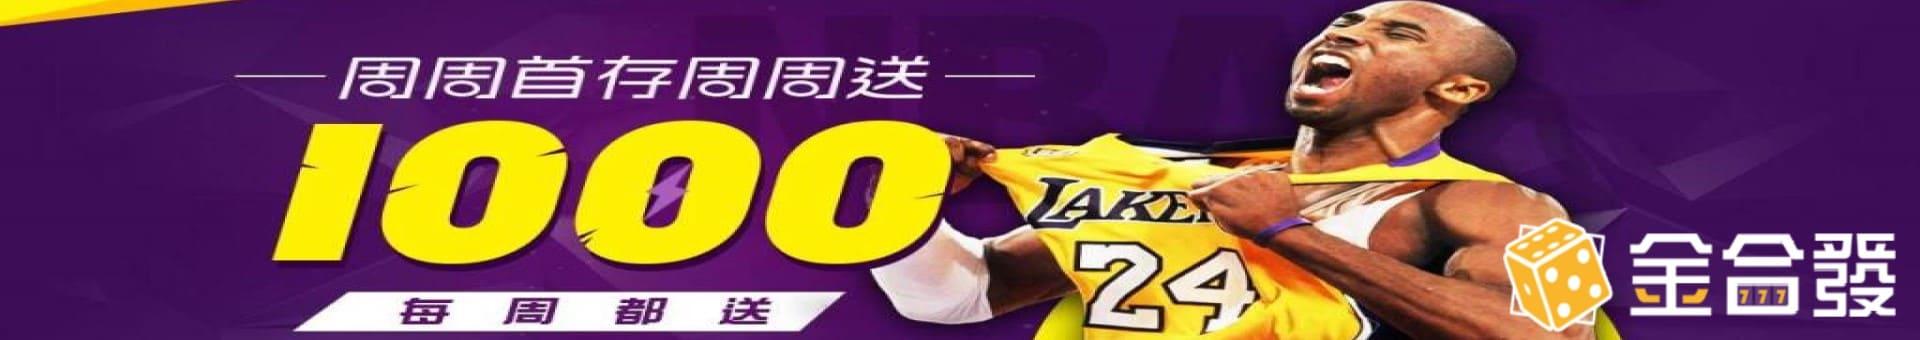 【破解】2020更新photoshop cs6最新 官方 正式 中文破解版 32位元/64位元,娛樂城推薦,娛樂城優惠,娛樂城體驗金 ...